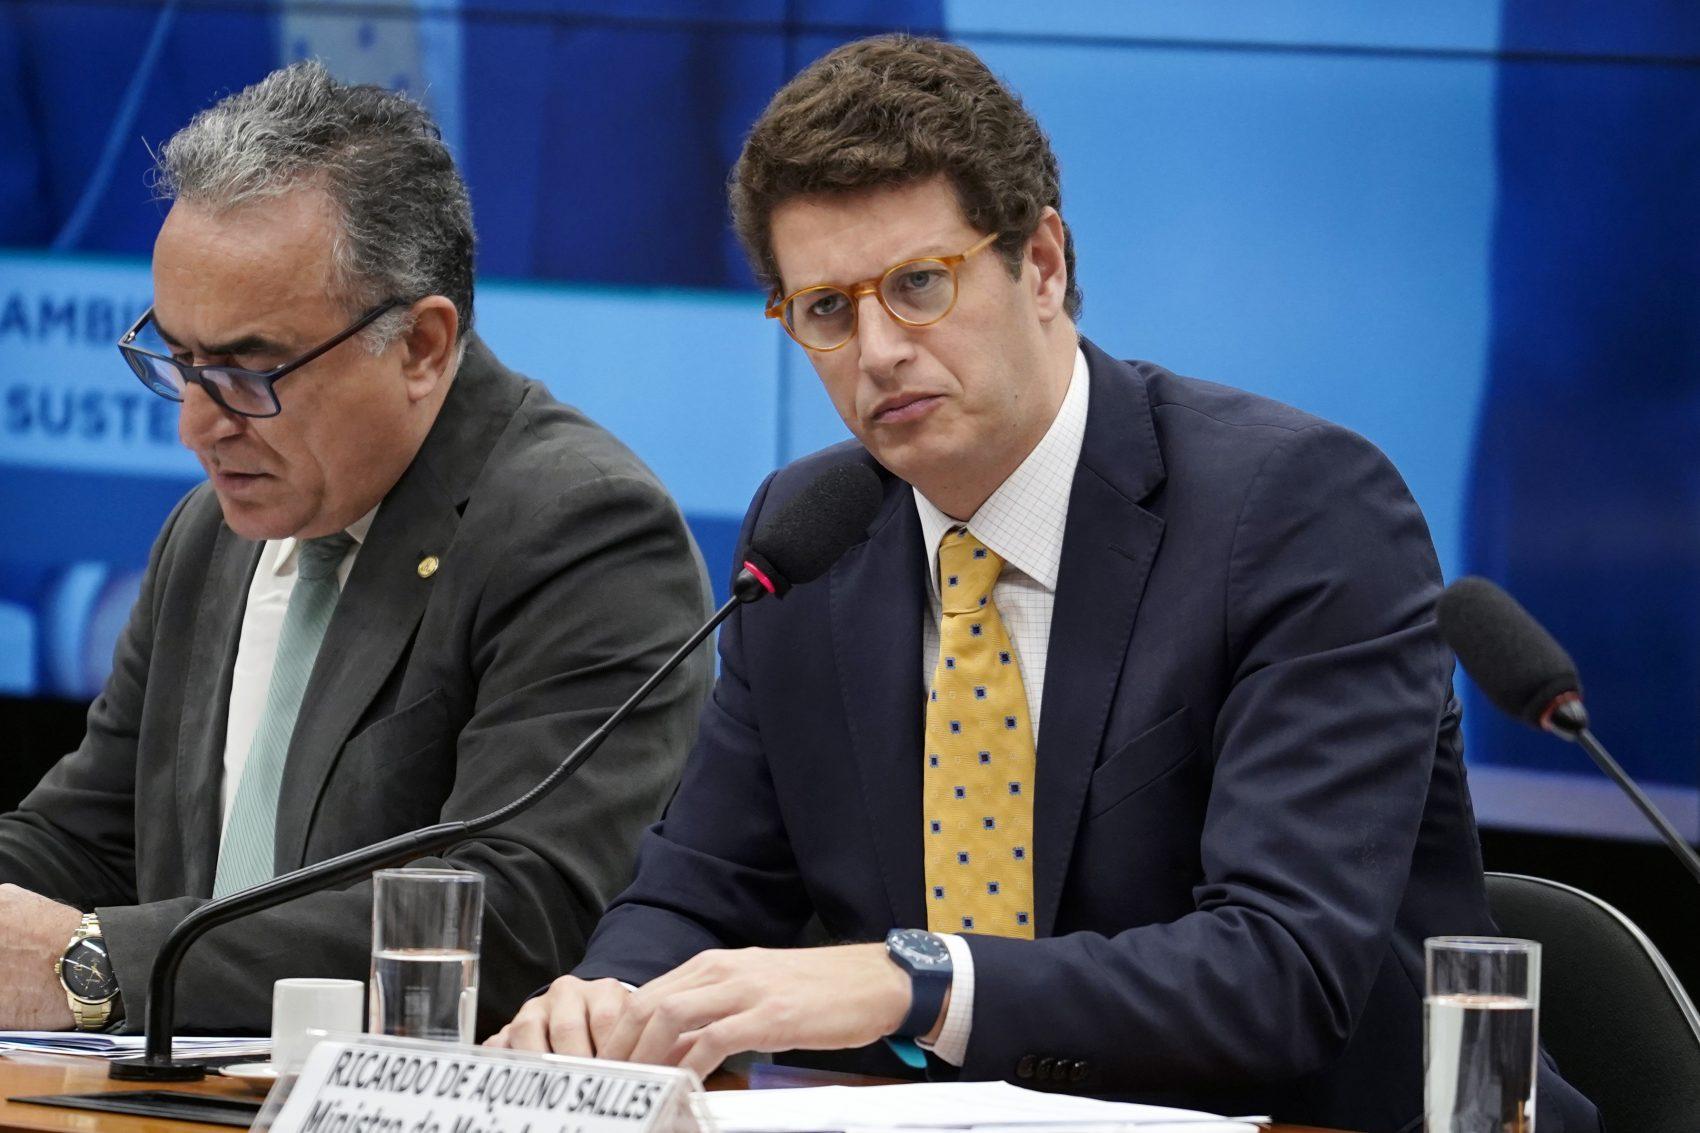 O ministro do Meio Ambiente, Ricardo Salles, em audiência na Câmara: 'a mudança climática não pode ser o tema principal de um ministério que tem que cuidar de temas que dizem respeito à qualidade de vida das pessoas' (Foto: Pablo Valadares/Câmara dos Deputados)